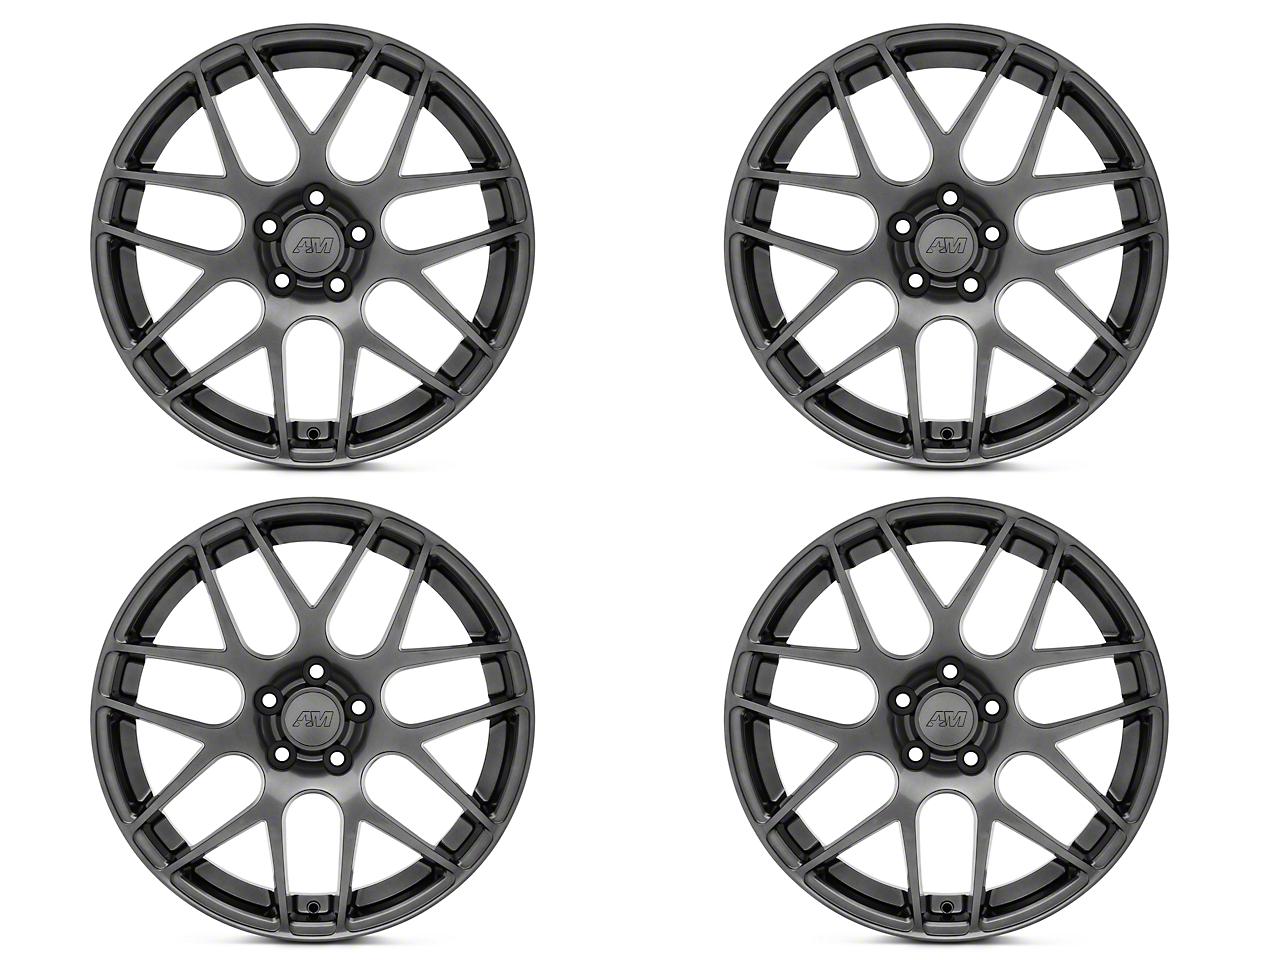 AMR Dark Stainless 4 Wheel Kit - 19x8.5 (05-14 All)